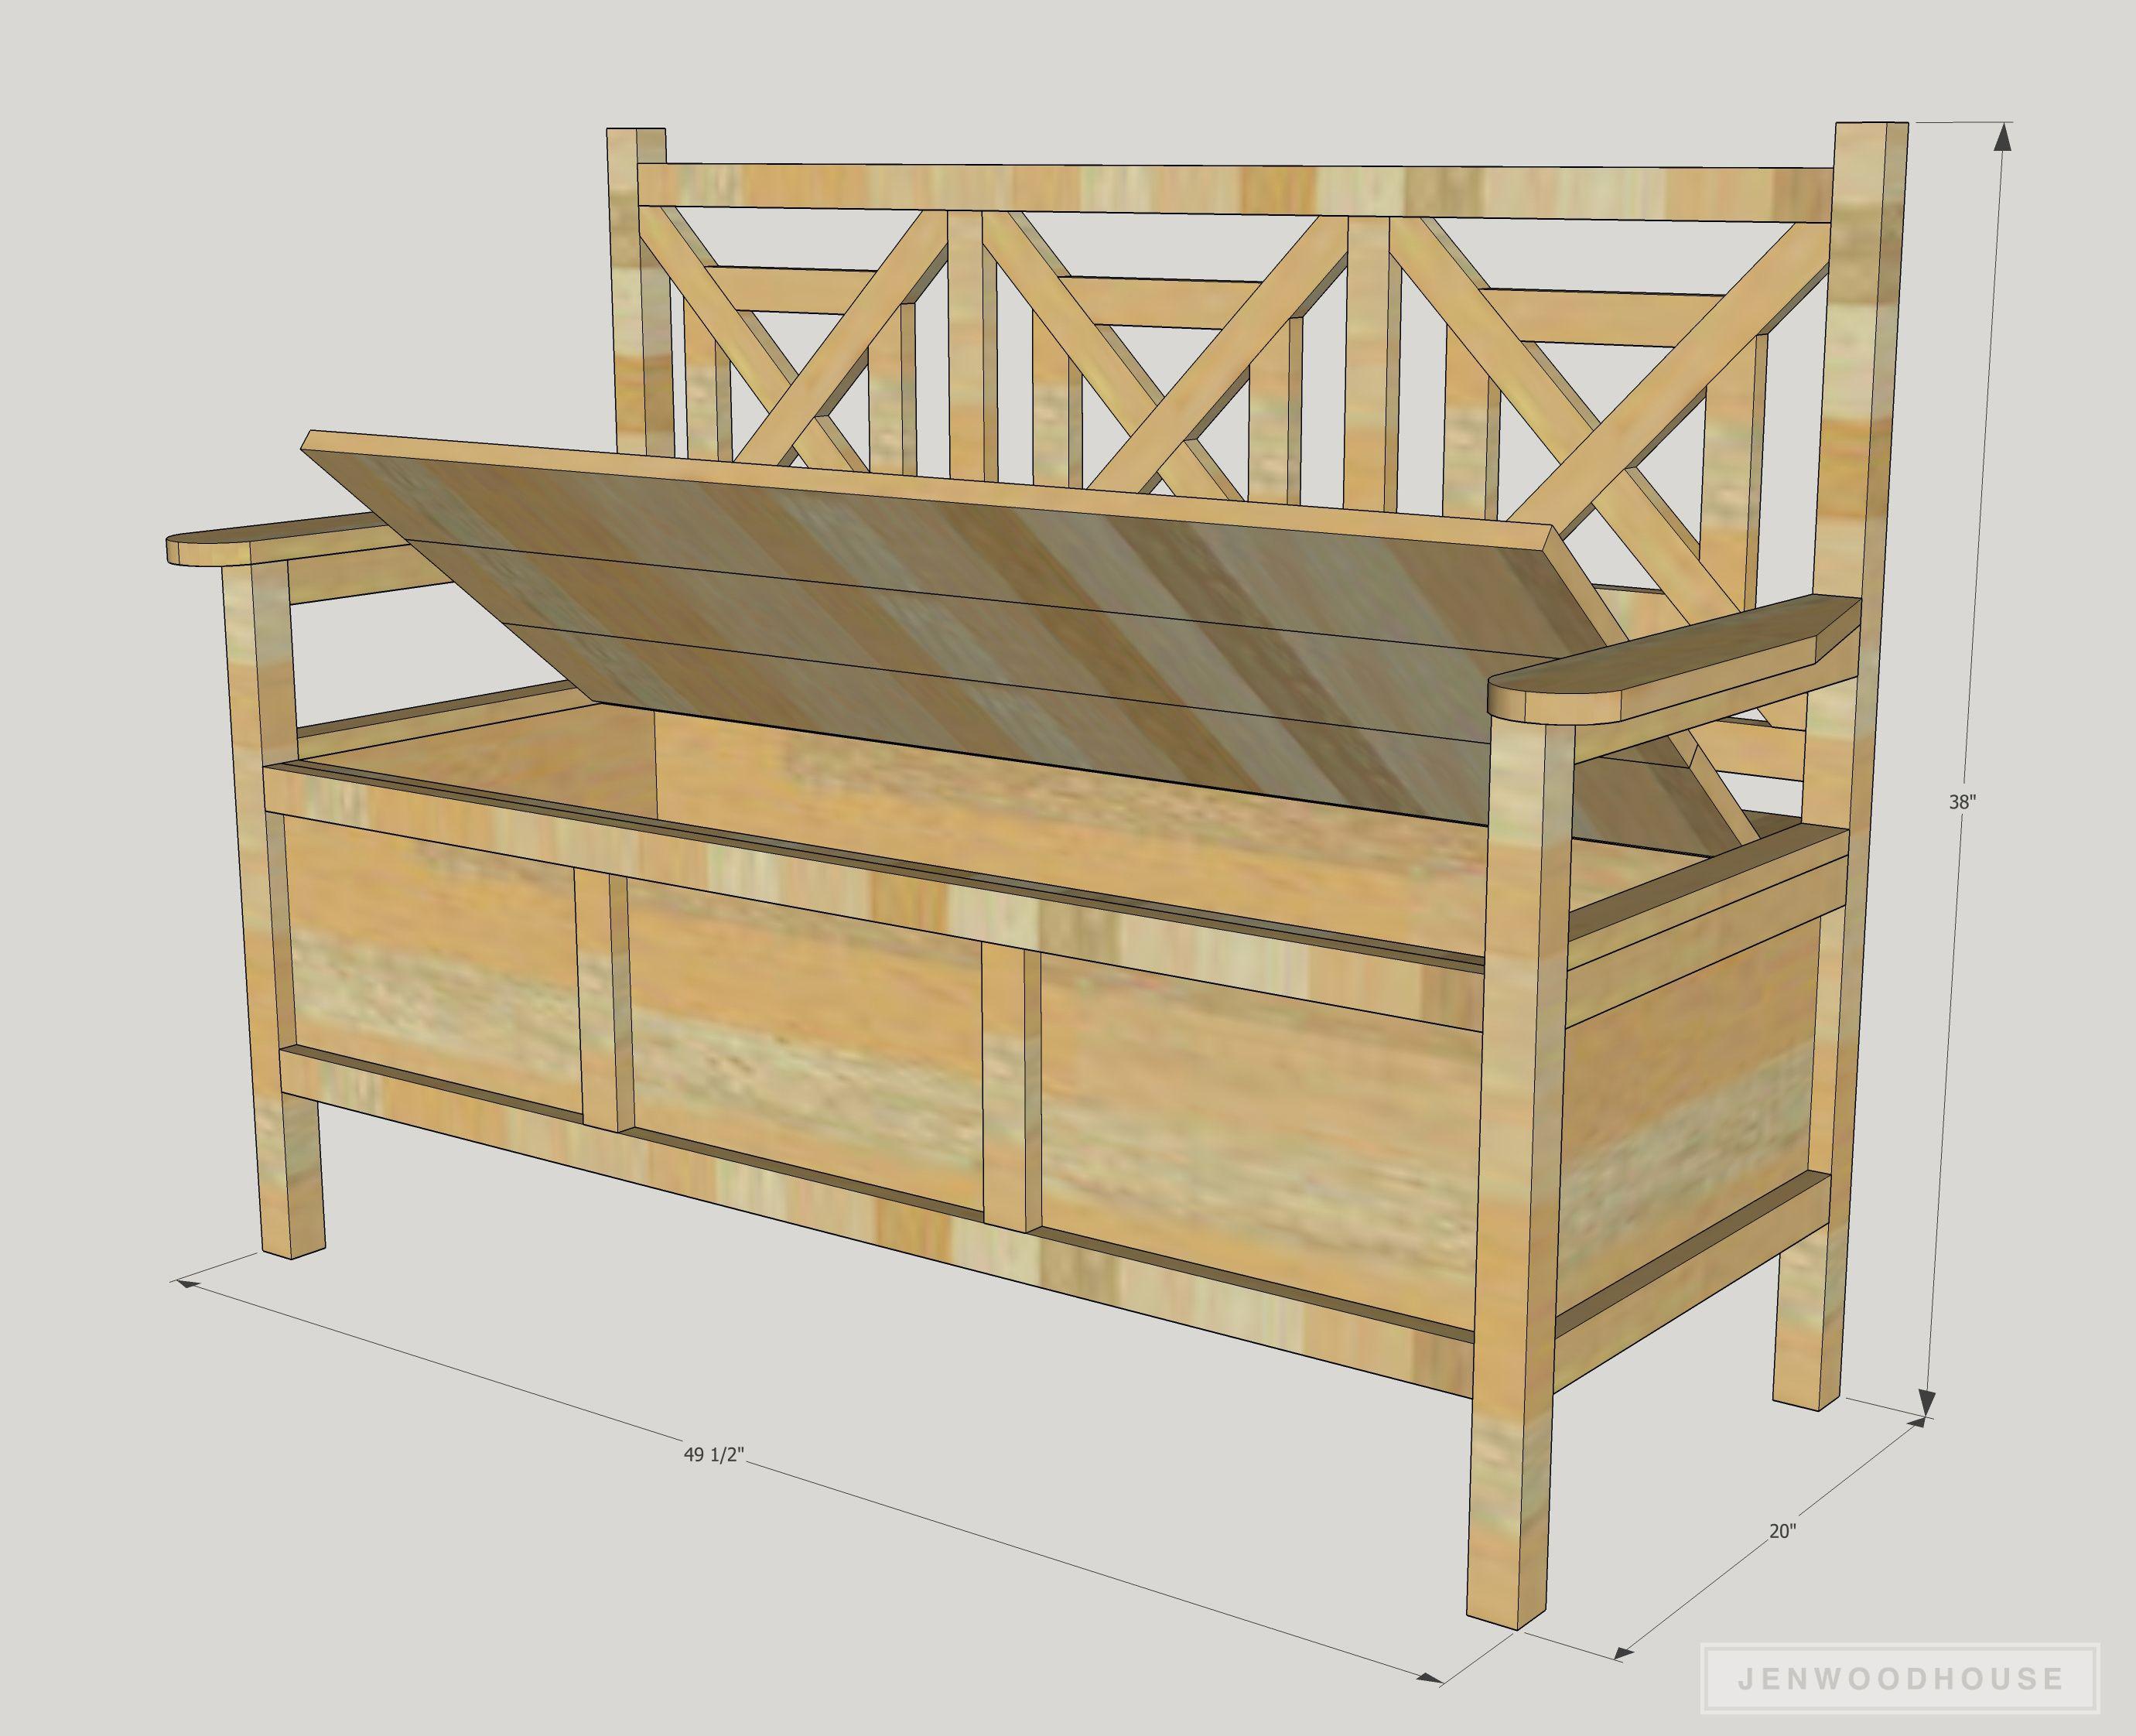 How To Build a DIY Dresser Diy storage bench, Build a